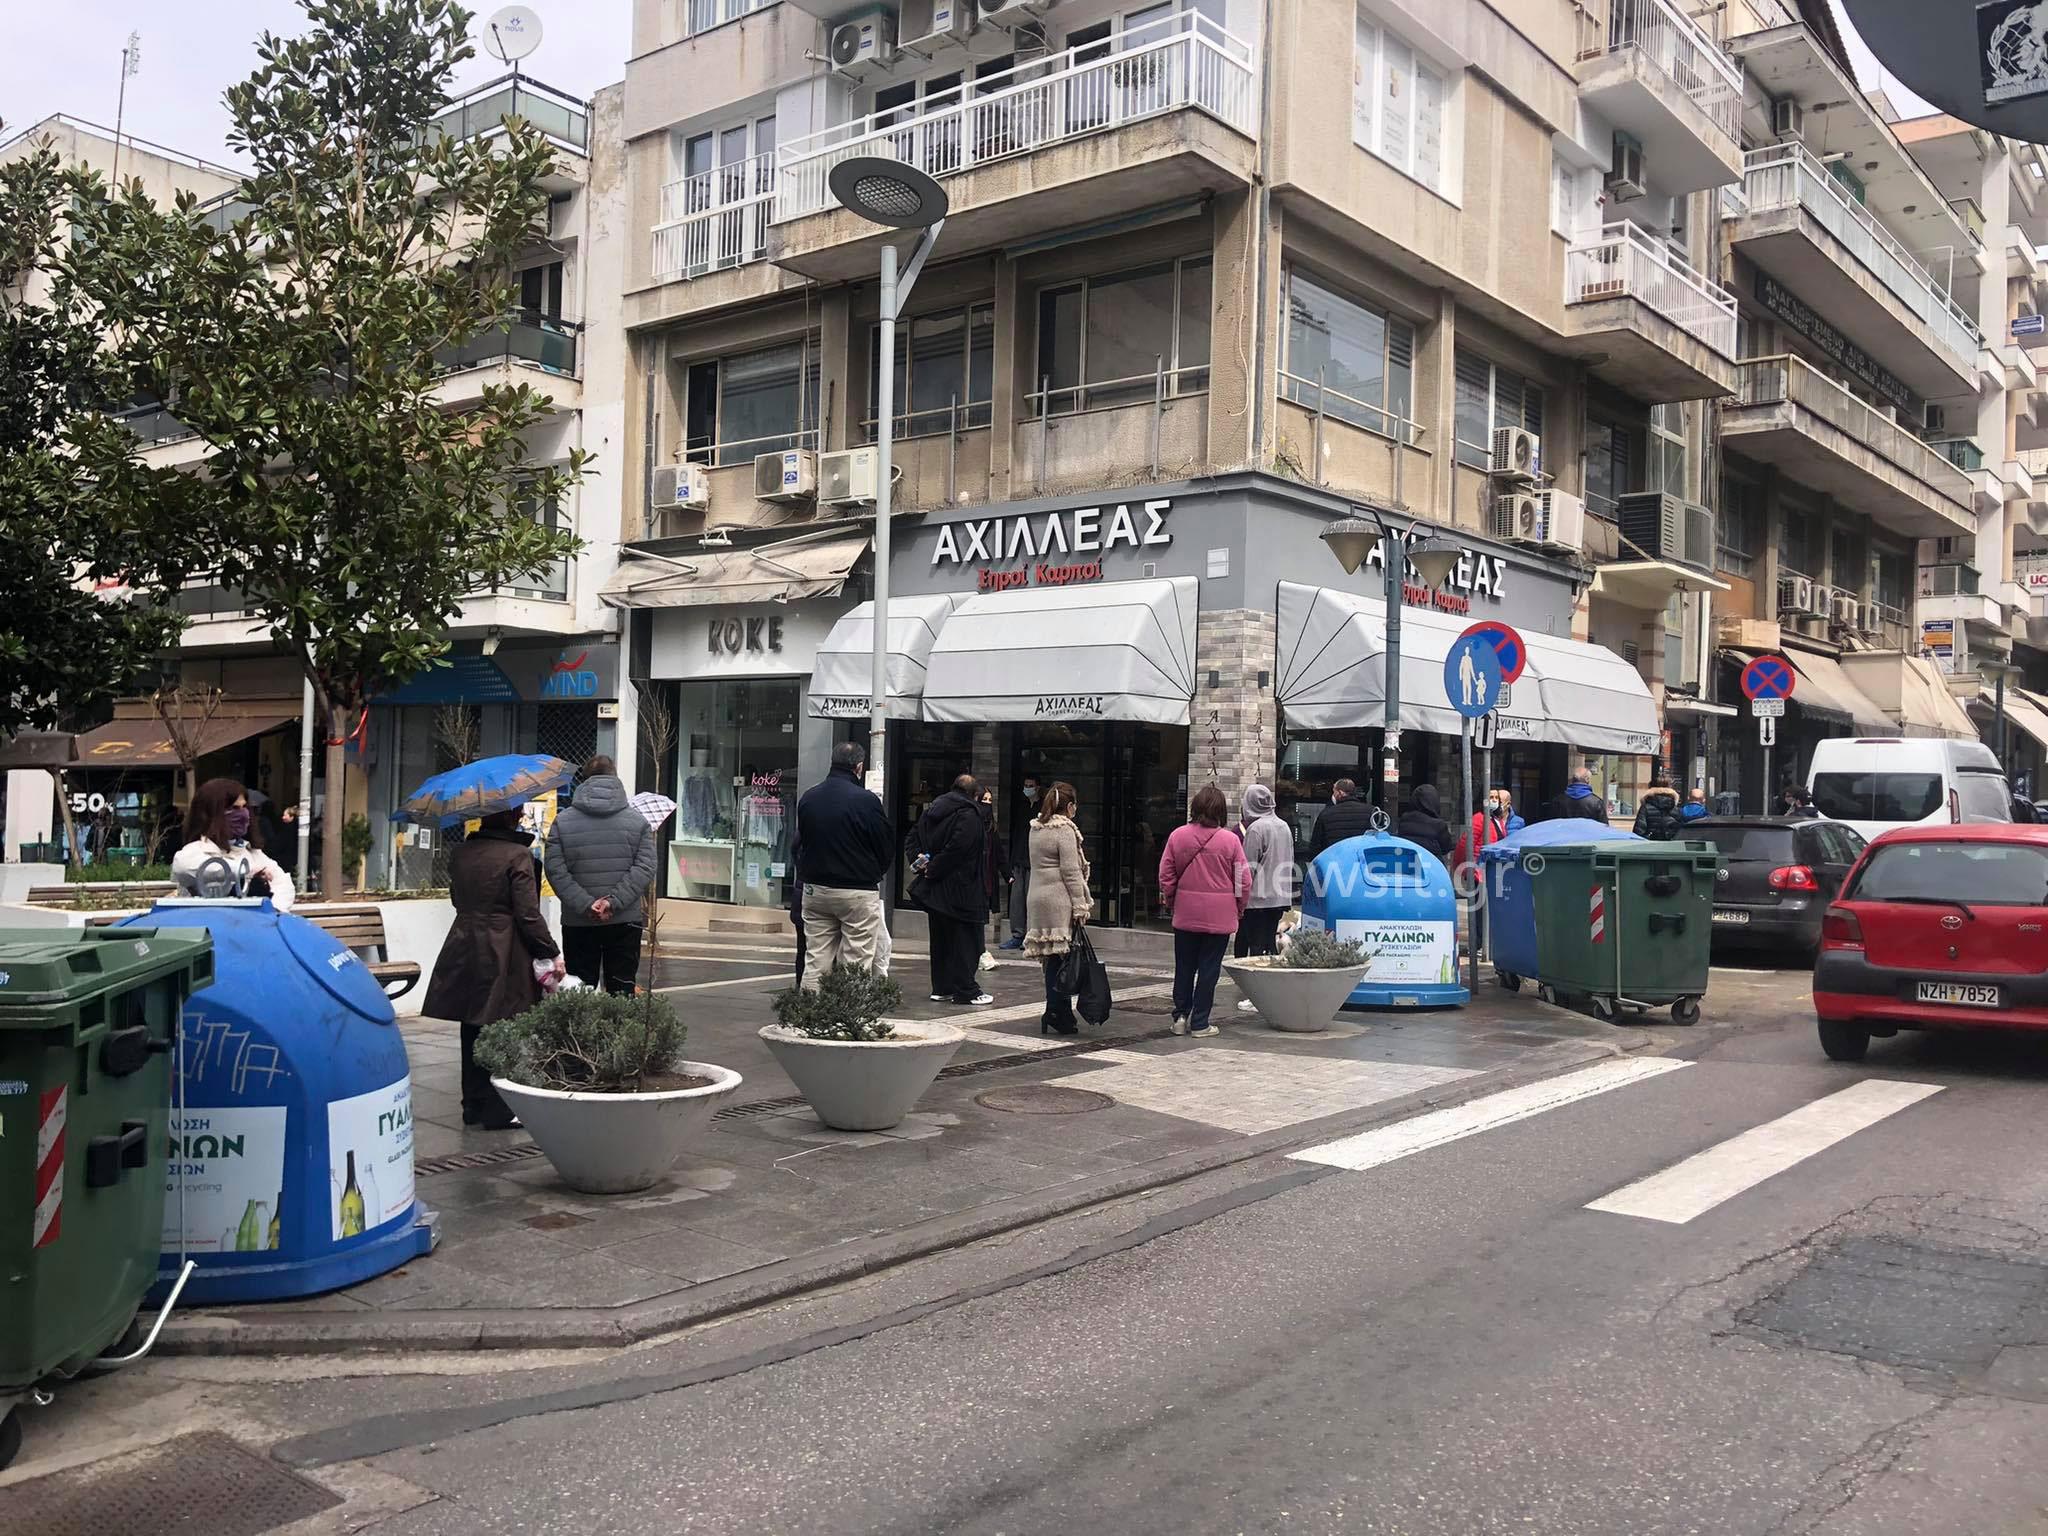 Θεσσαλονίκη: Δείτε τις ουρές σε φούρνο της Καλαμαριάς που ήταν αδύνατον να περάσουν απαρατήρητες (pics)